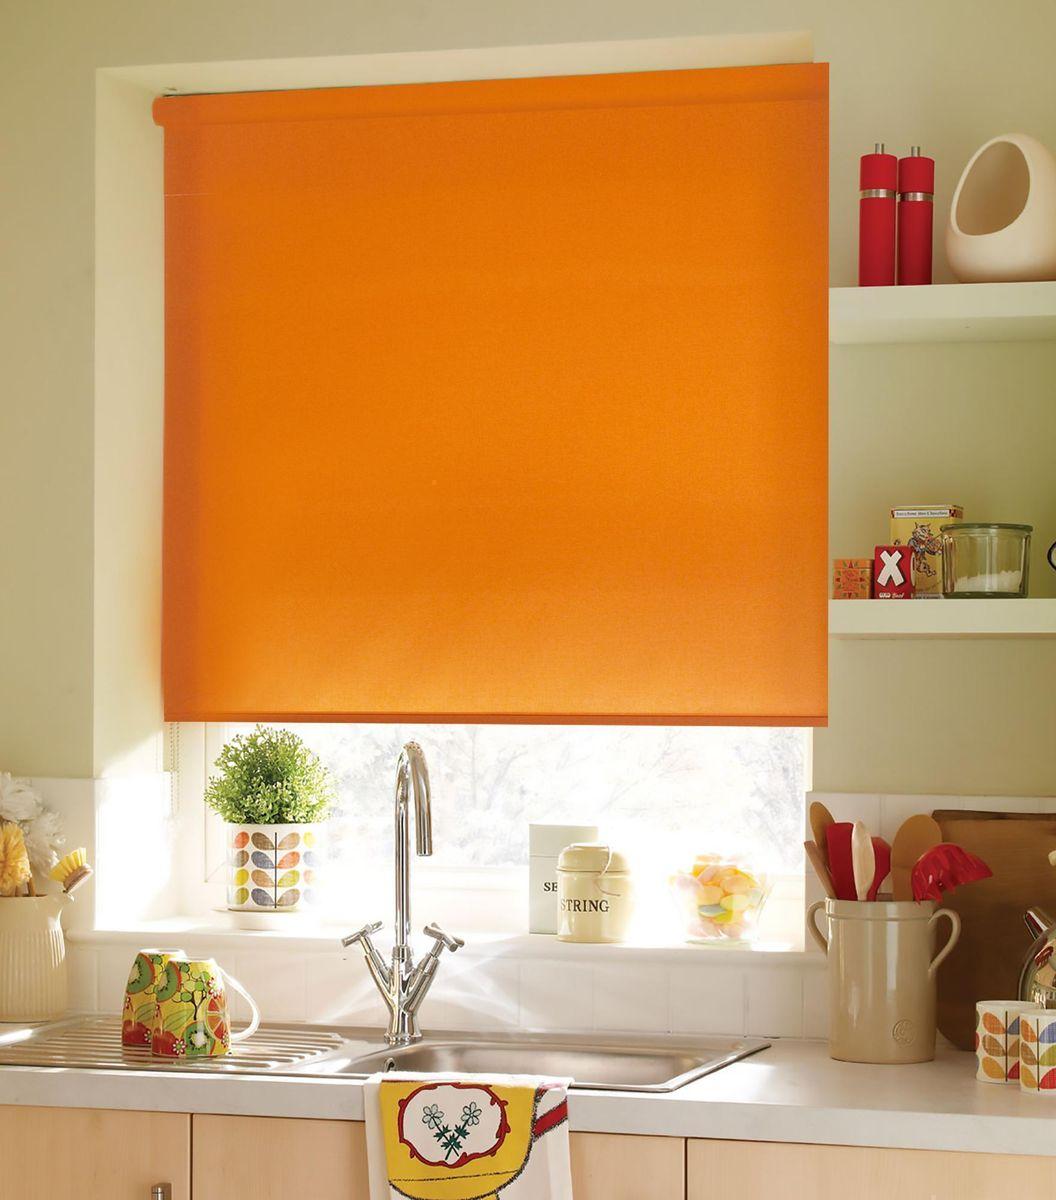 Штора рулонная Эскар, цвет: апельсиновый, ширина 210 см, высота 170 см81203210170Рулонными шторами можно оформлять окна как самостоятельно, так и использовать в комбинации с портьерами. Это поможет предотвратить выгорание дорогой ткани на солнце и соединит функционал рулонных с красотой навесных. Преимущества применения рулонных штор для пластиковых окон: - имеют прекрасный внешний вид: многообразие и фактурность материала изделия отлично смотрятся в любом интерьере; - многофункциональны: есть возможность подобрать шторы способные эффективно защитить комнату от солнца, при этом она не будет слишком темной. - Есть возможность осуществить быстрый монтаж. ВНИМАНИЕ! Размеры ширины изделия указаны по ширине ткани! Во время эксплуатации не рекомендуется полностью разматывать рулон, чтобы не оторвать ткань от намоточного вала. В случае загрязнения поверхности ткани, чистку шторы проводят одним из способов, в зависимости от типа загрязнения: легкое поверхностное загрязнение можно удалить при помощи канцелярского ластика; чистка от пыли производится сухим методом при...